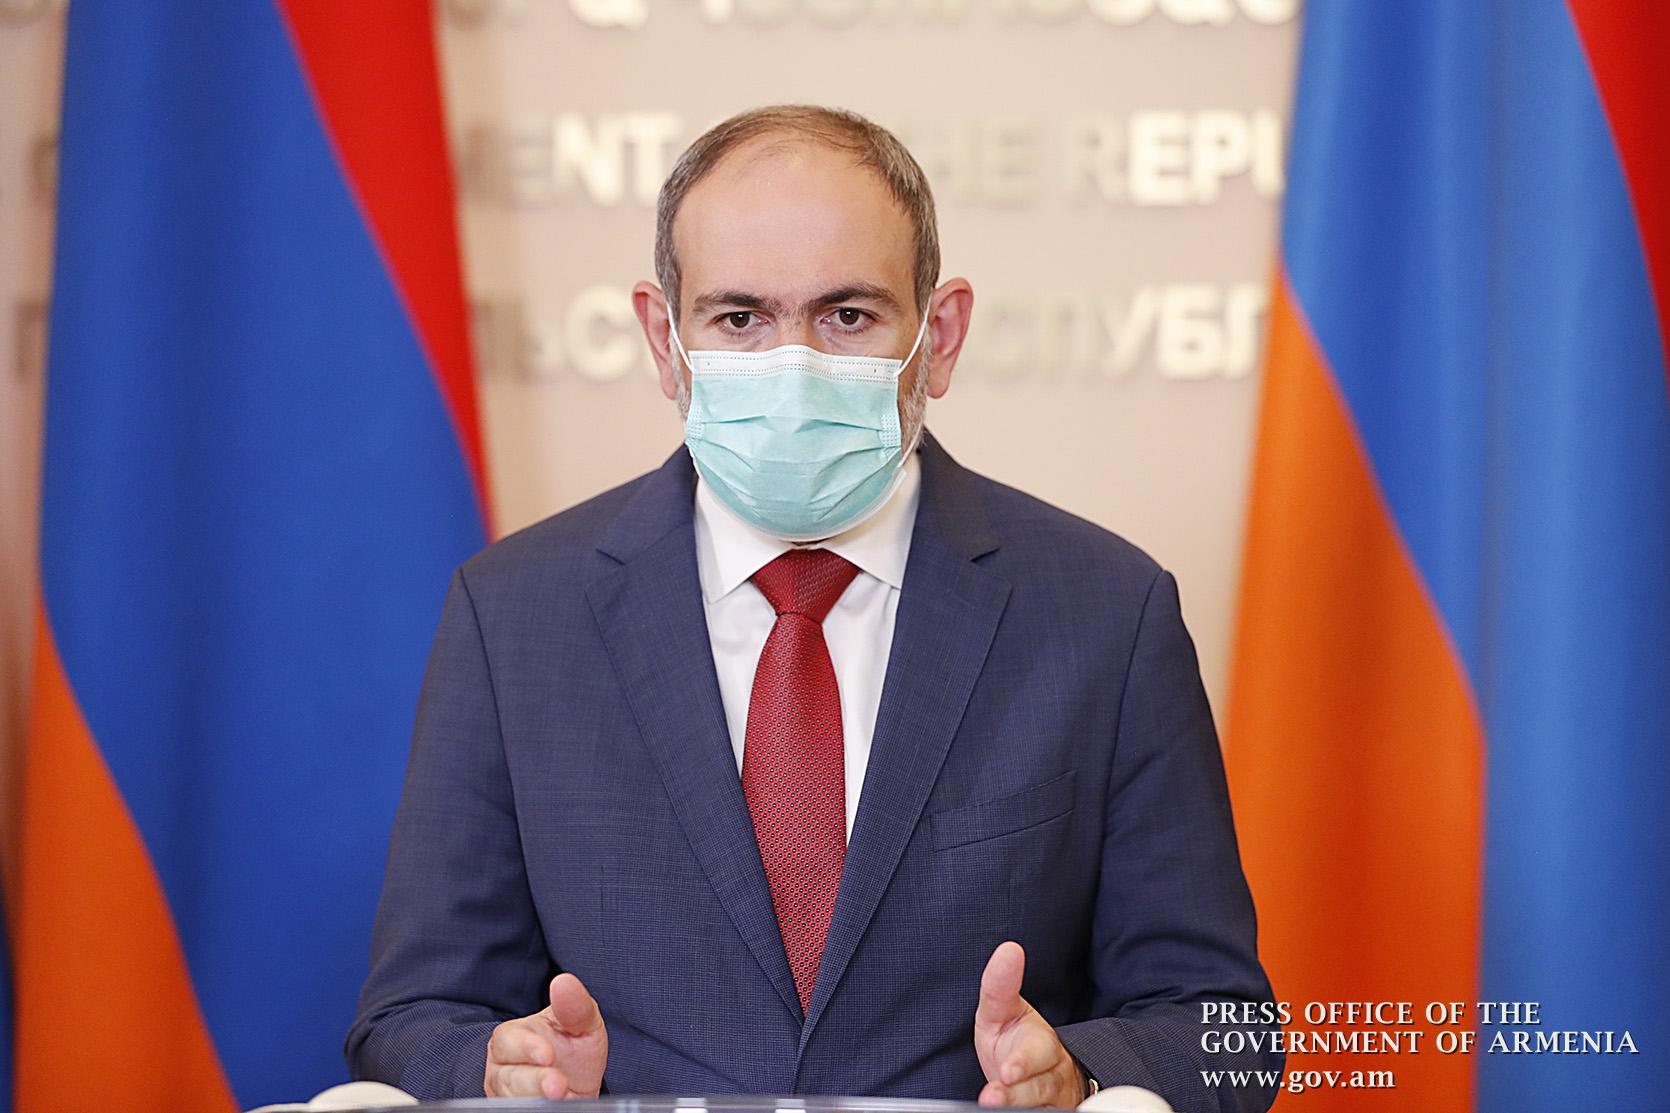 Photo of Դիմակ կրելը COVID-19-ի համաճարակը կանգնեցնելու ամենահավանական միջոցն է. վարչապետը ներկայացրել է միջազգային ուսումնասիրության արդյունքները